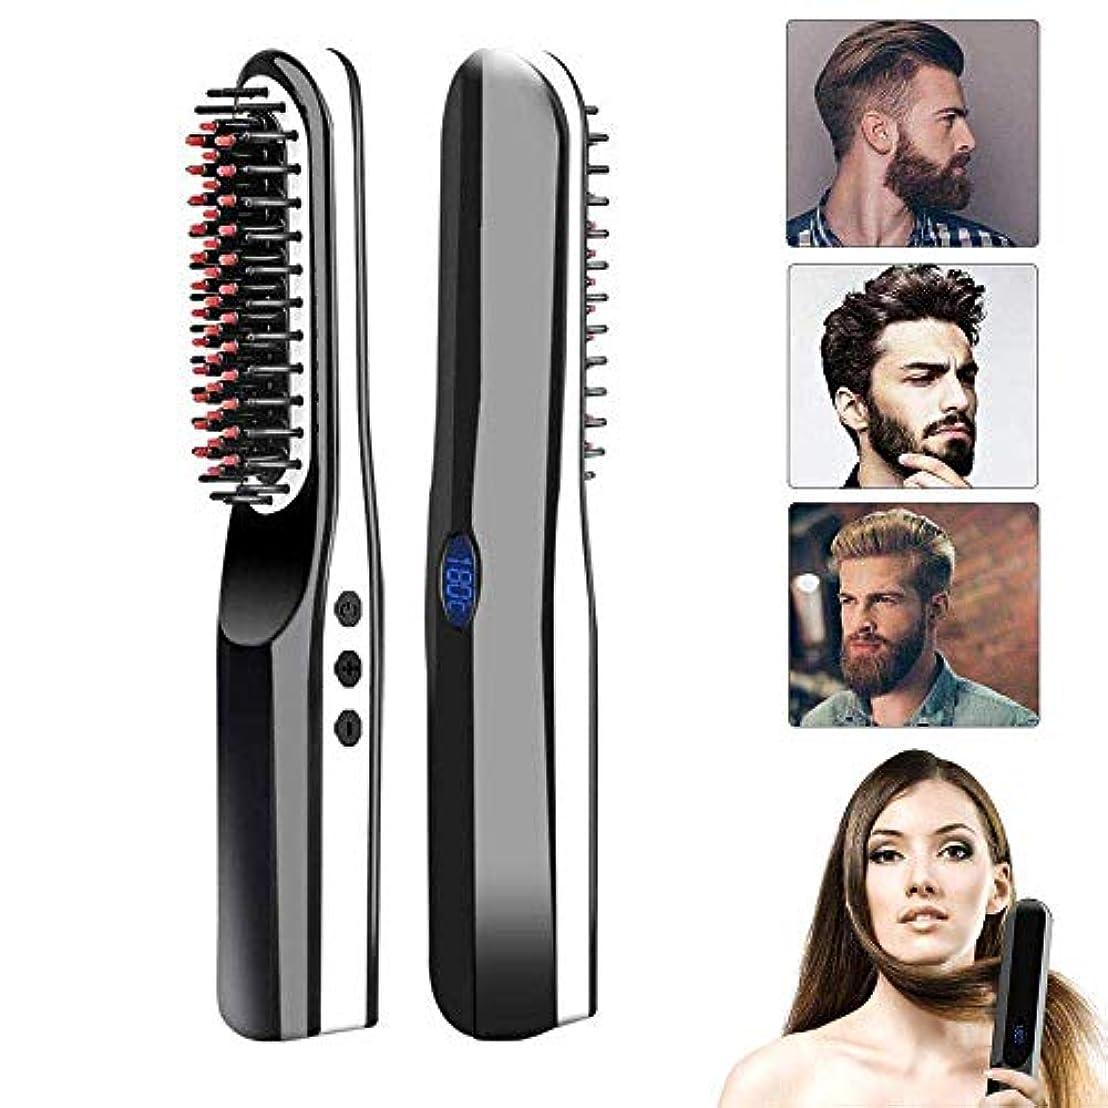 マージン無駄だれるコードレスアンチスカルド自動で毛矯正ブラシ旅行/家、男性の女性のための1の2つの多機能の毛の櫛のカーリングアイロン